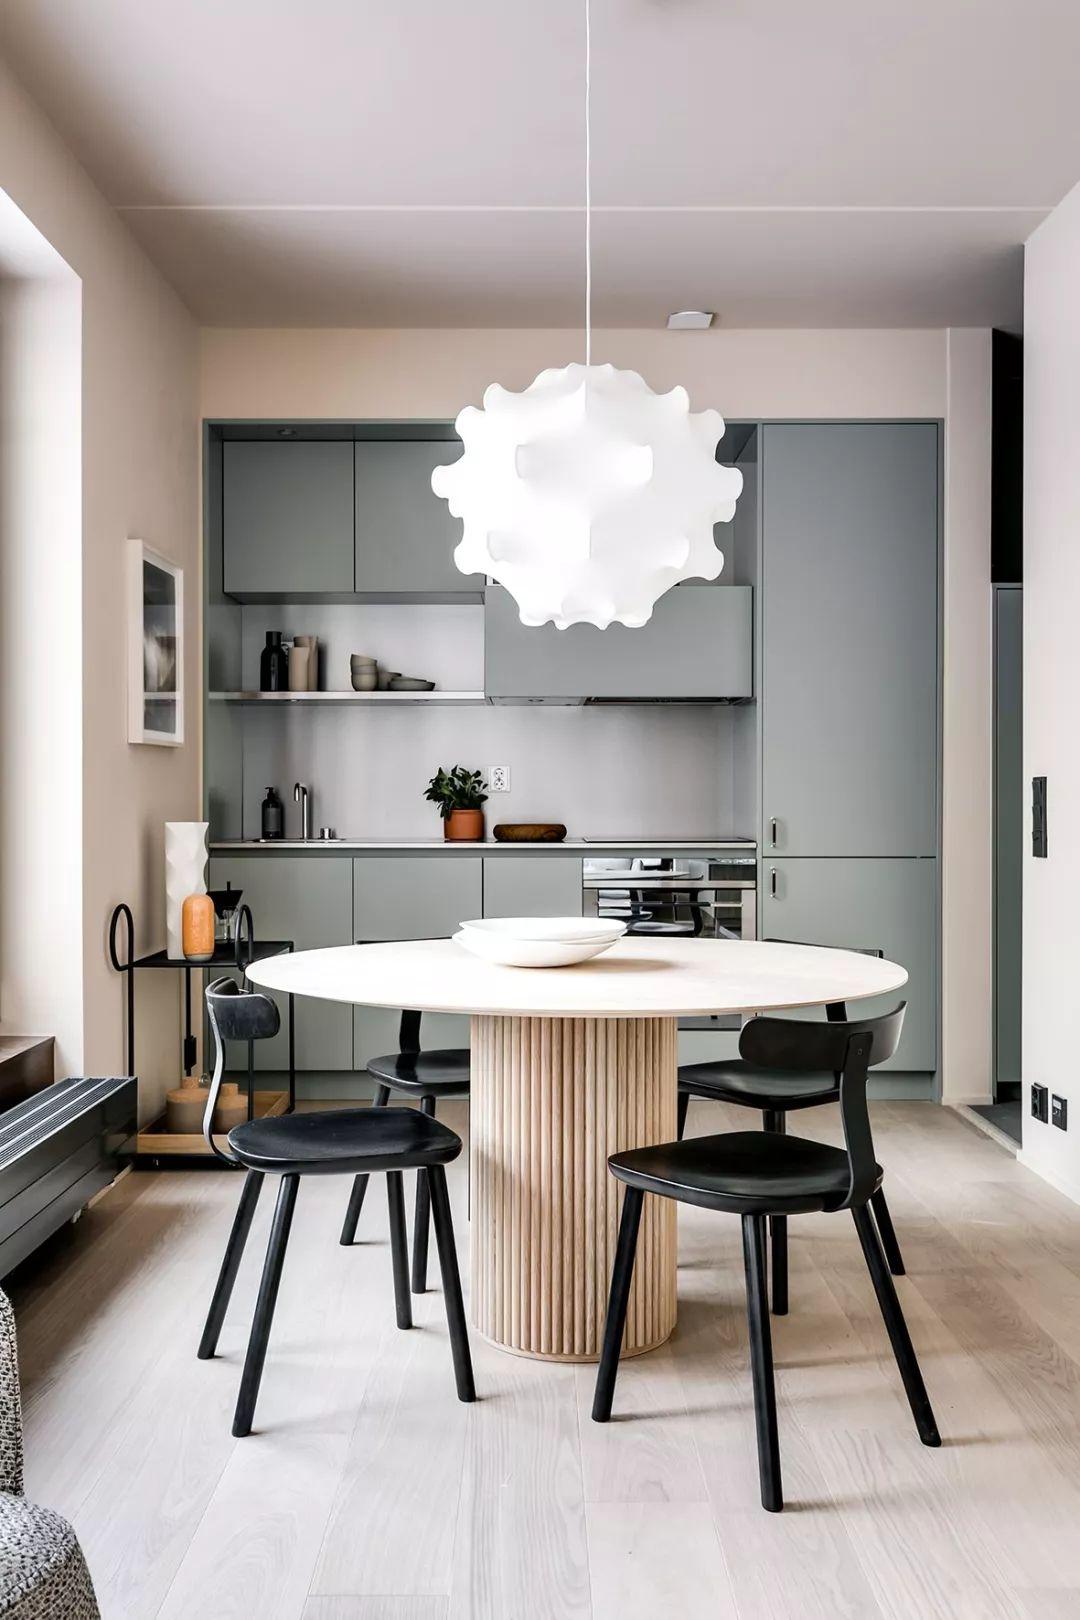 橱柜的颜色简洁摩登又显得非常干净,花朵形状的吊灯线条优美,简约又高贵,无疑是餐厅区的一个亮点。